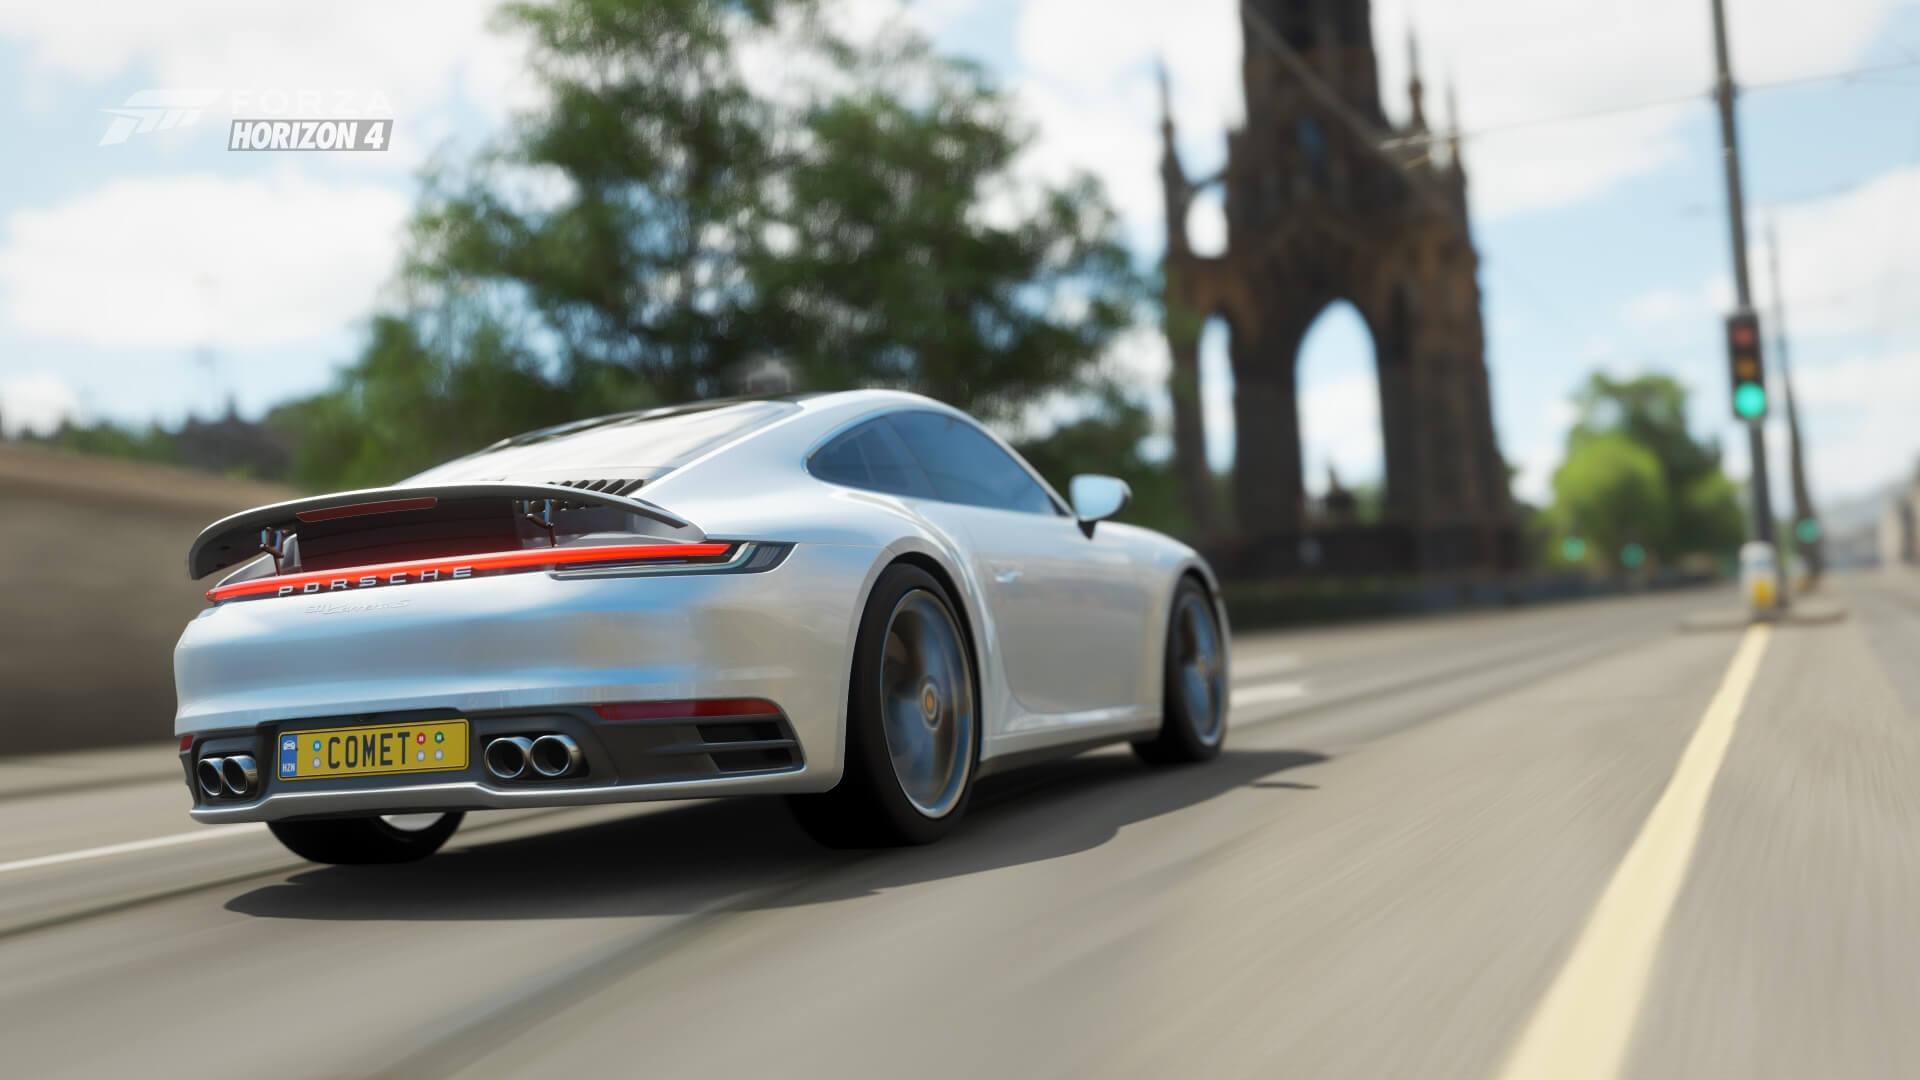 Forza Horizon 4's Summer Season Welcomes Porsche's Latest Supercar